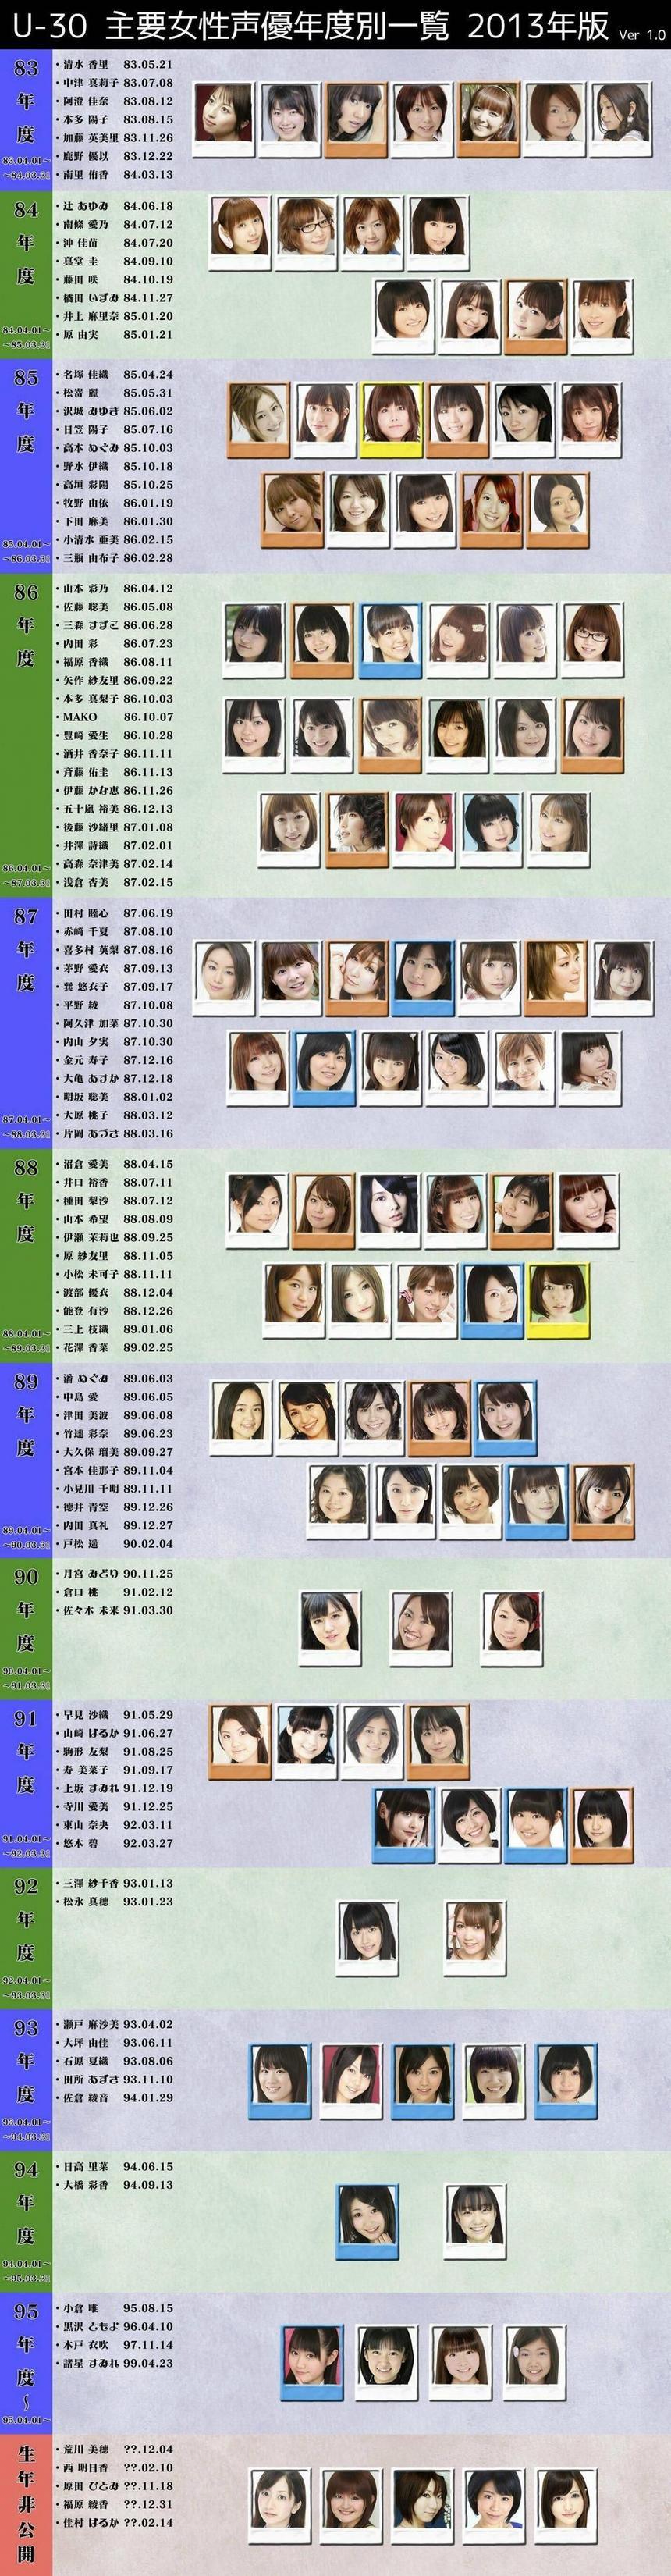 만 30세가 아직 안된 여성 성우들의 목록을 연도별로 ..